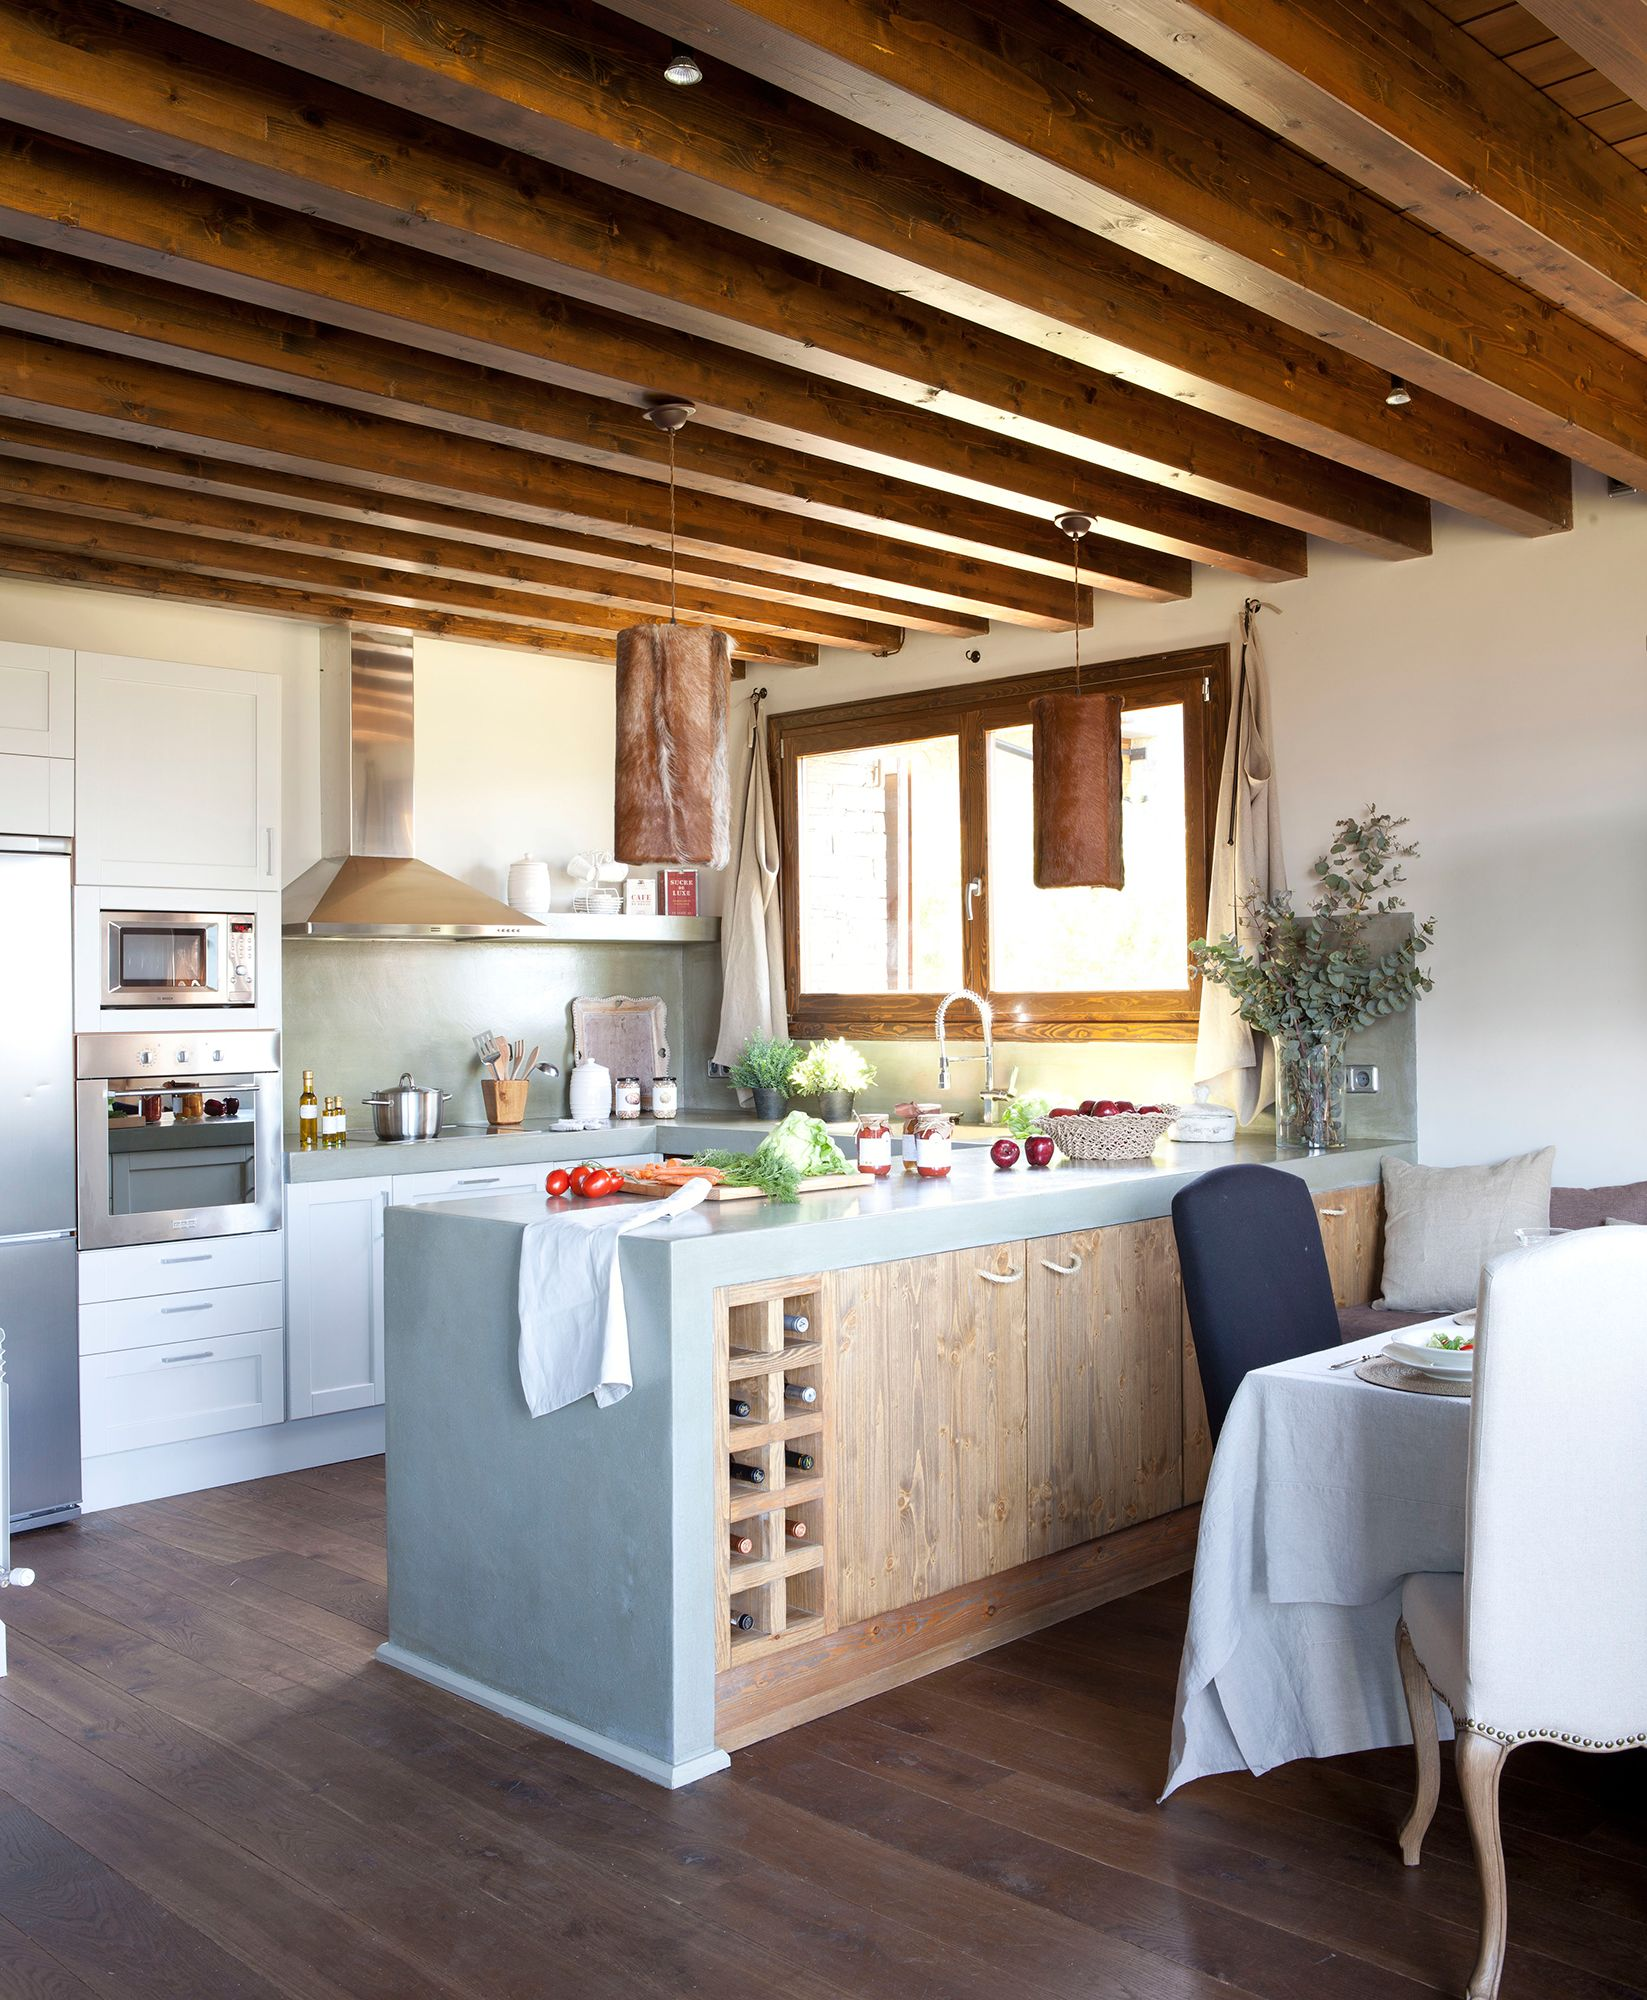 Cocina con techo de vigas y muebles de madera con office - Cocinas en madera ...